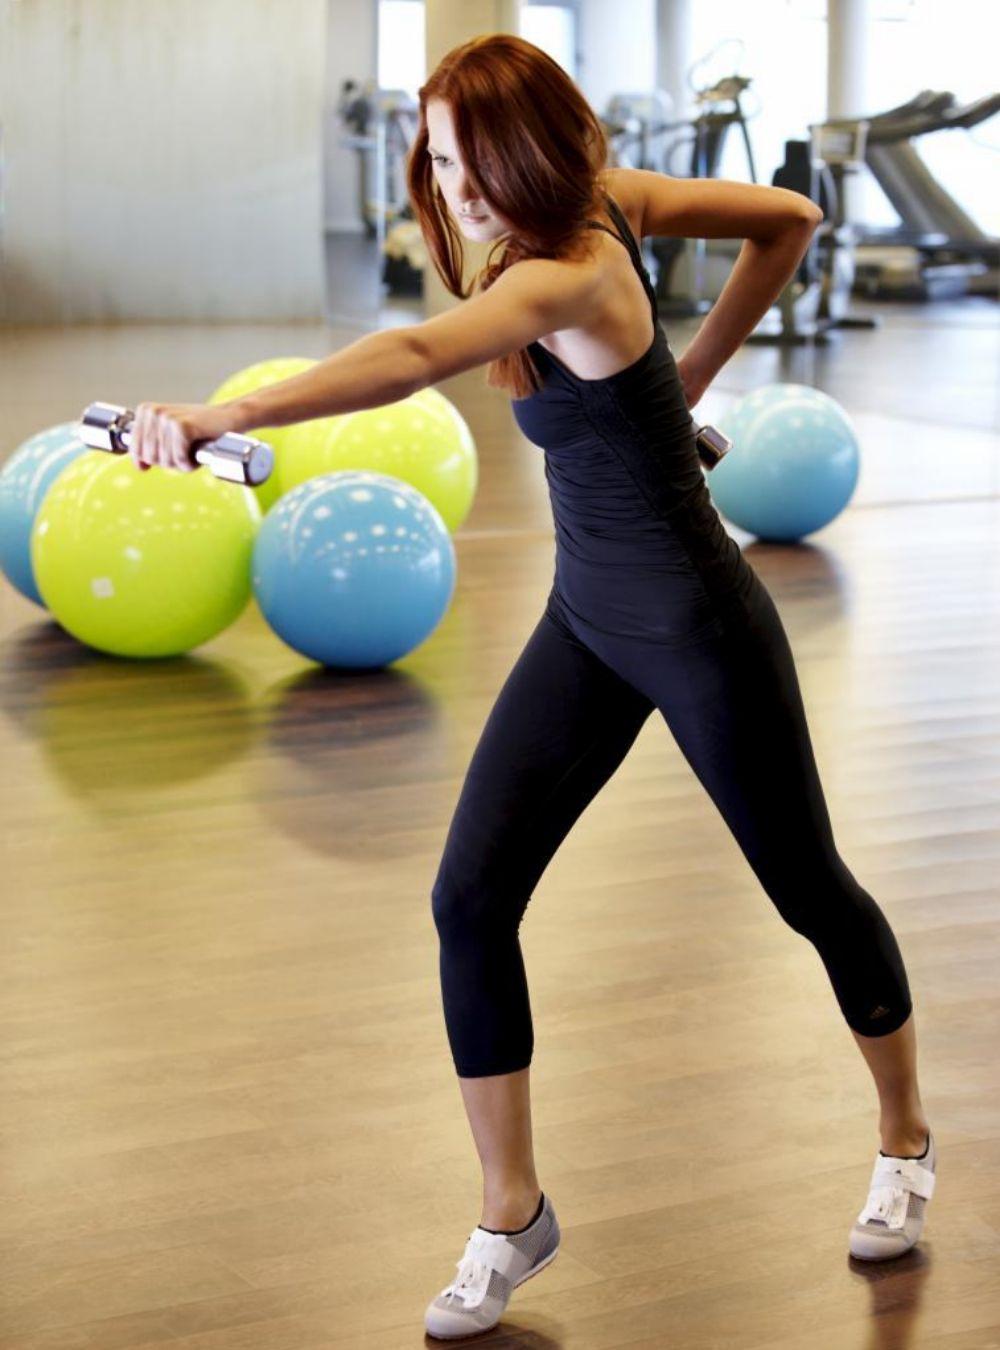 Hacer algo de ejercicio varias veces a la semana es clave para alejar el estrés.